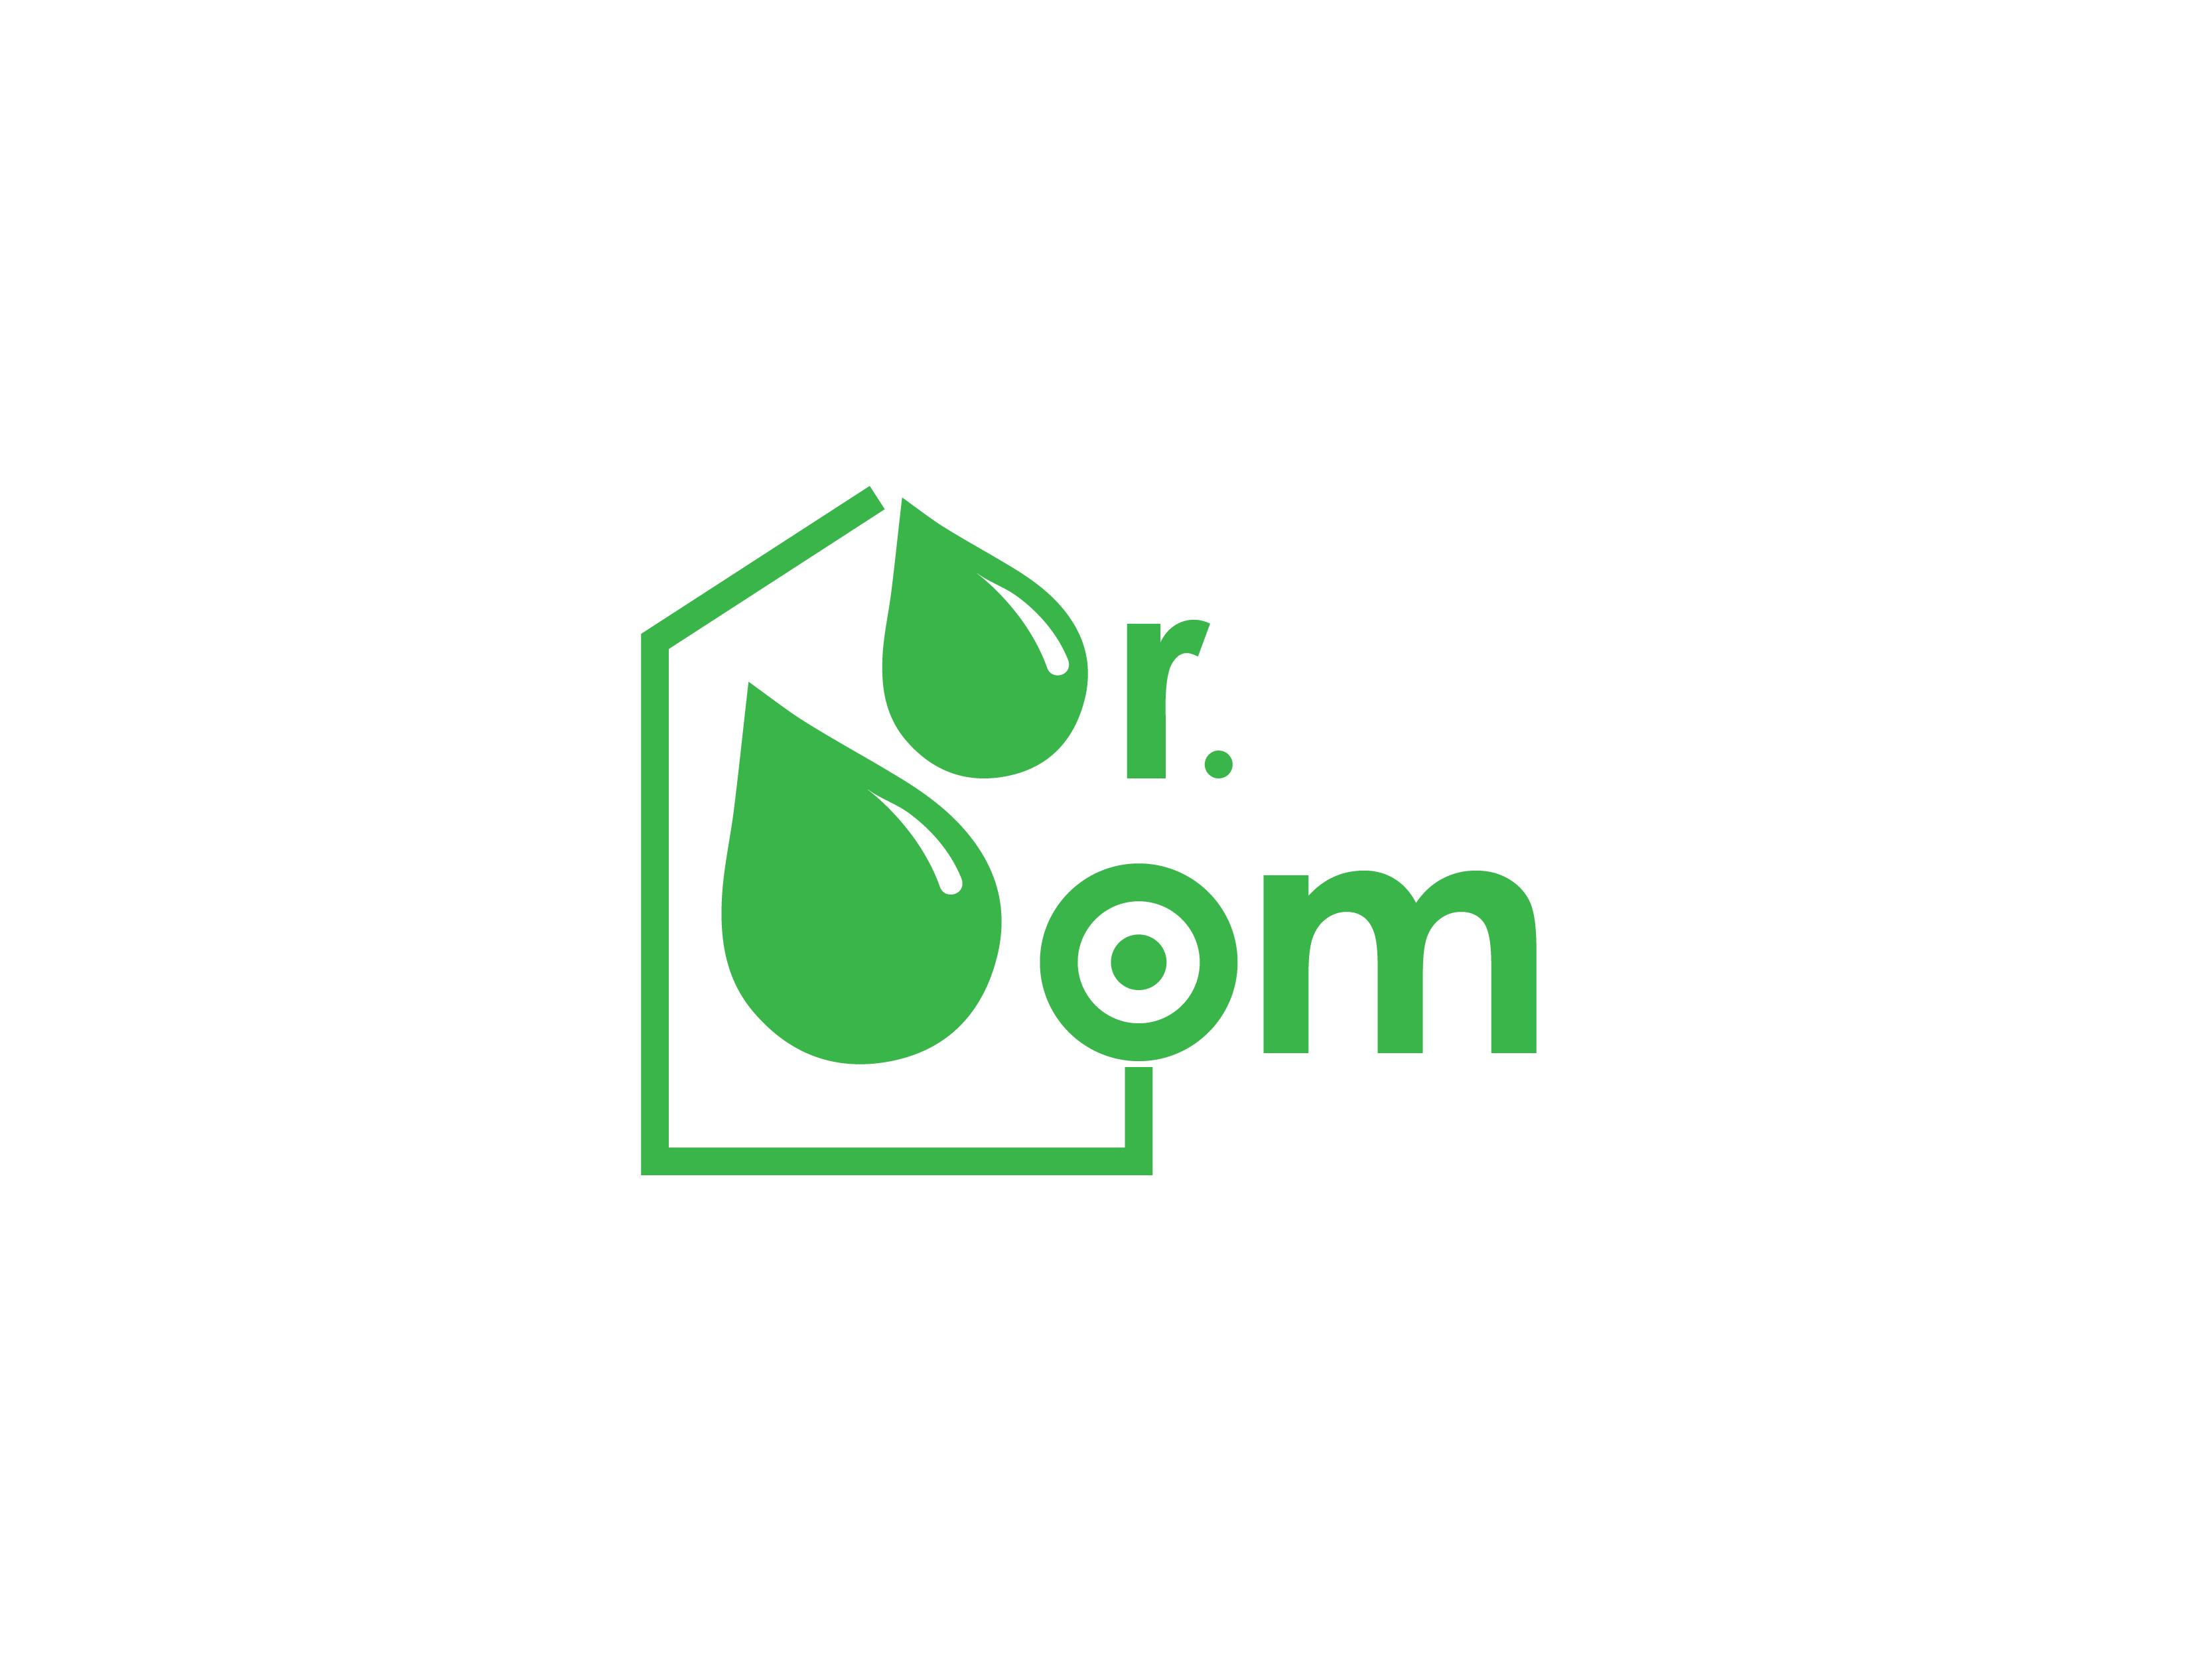 Разработать логотип для сети магазинов бытовой химии и товаров для уборки фото f_5416000667f8e4c7.png